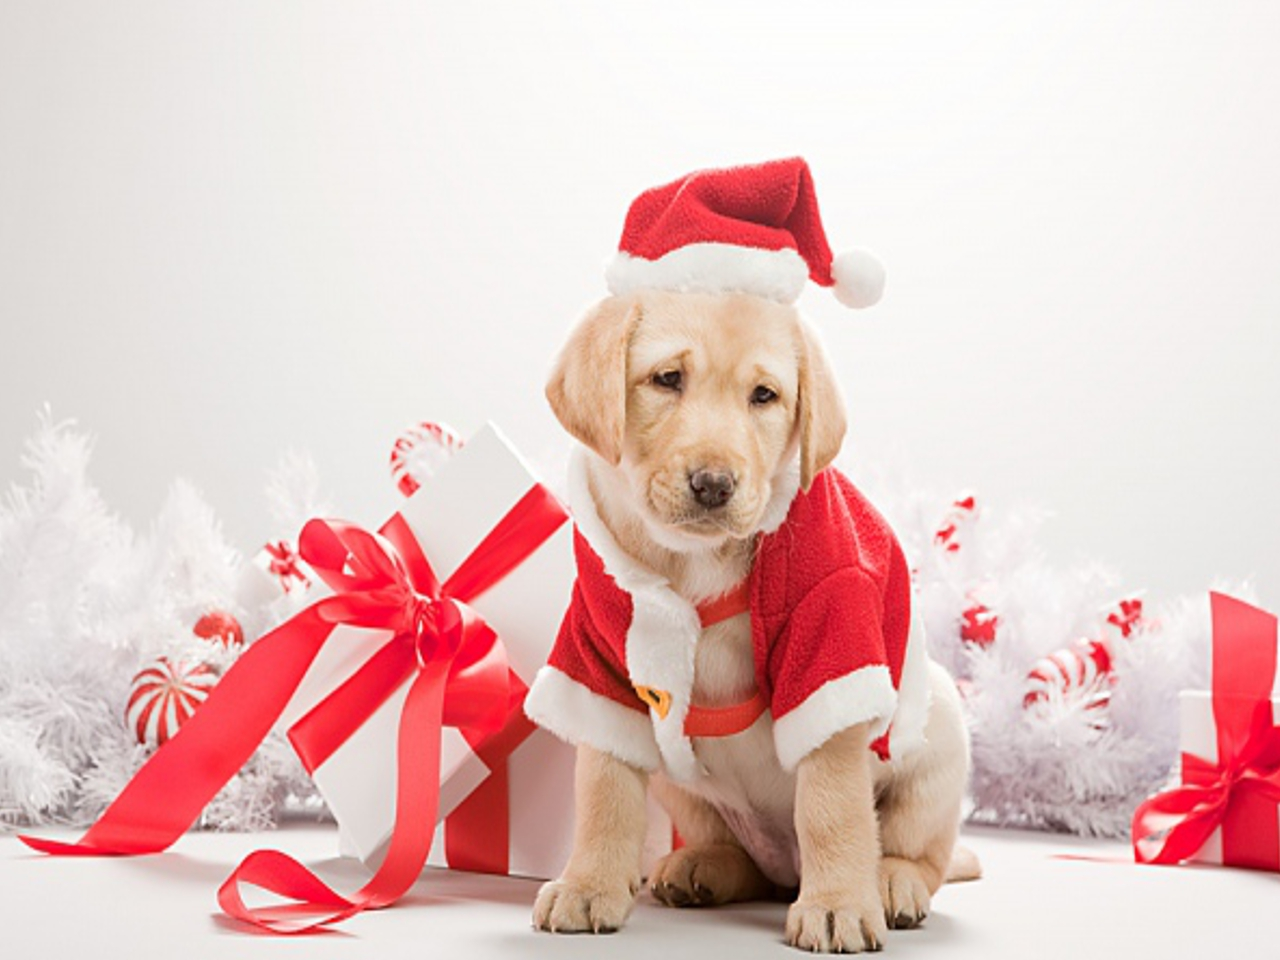 для картинки для года собаки первого